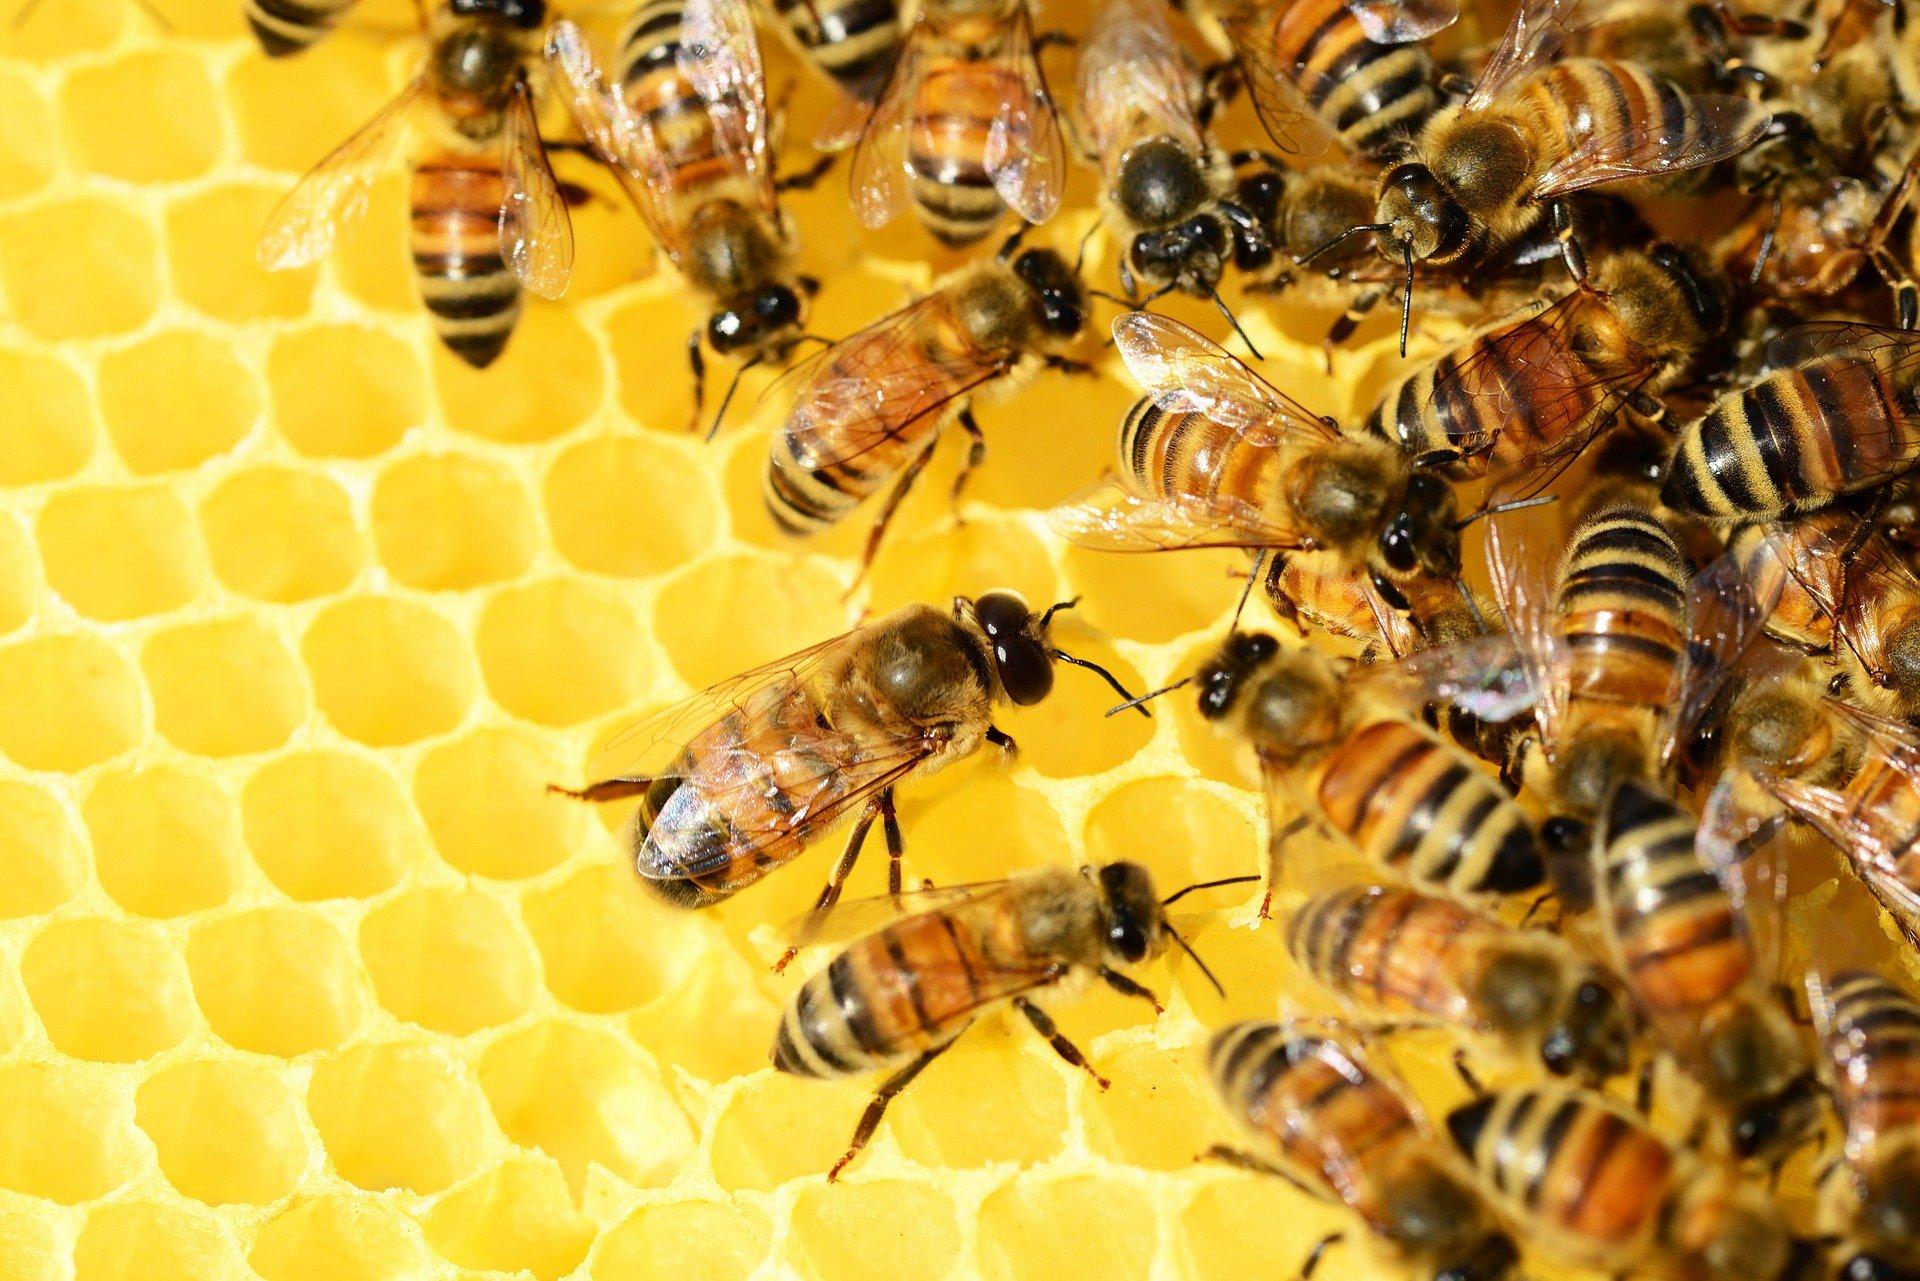 Ostatnie ciepłe dni mogą zaszkodzić wielkopolskim pszczołom